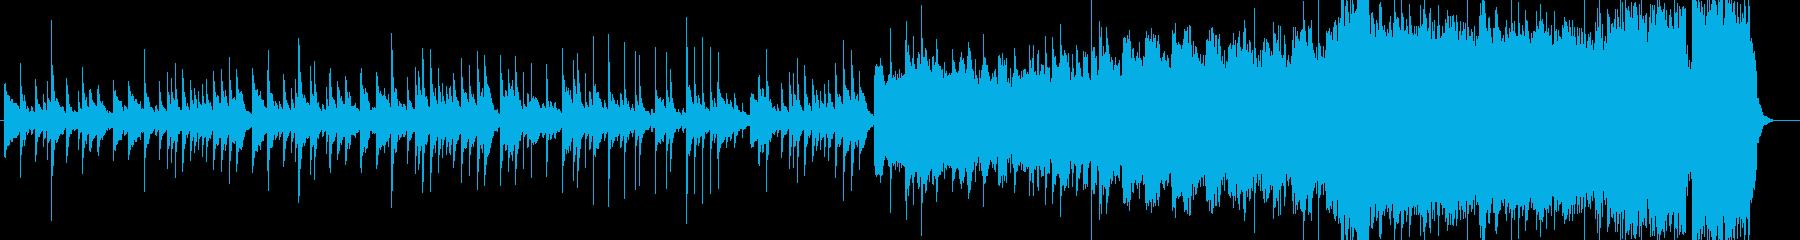 切なく優しい感じのピアノサウンドの再生済みの波形